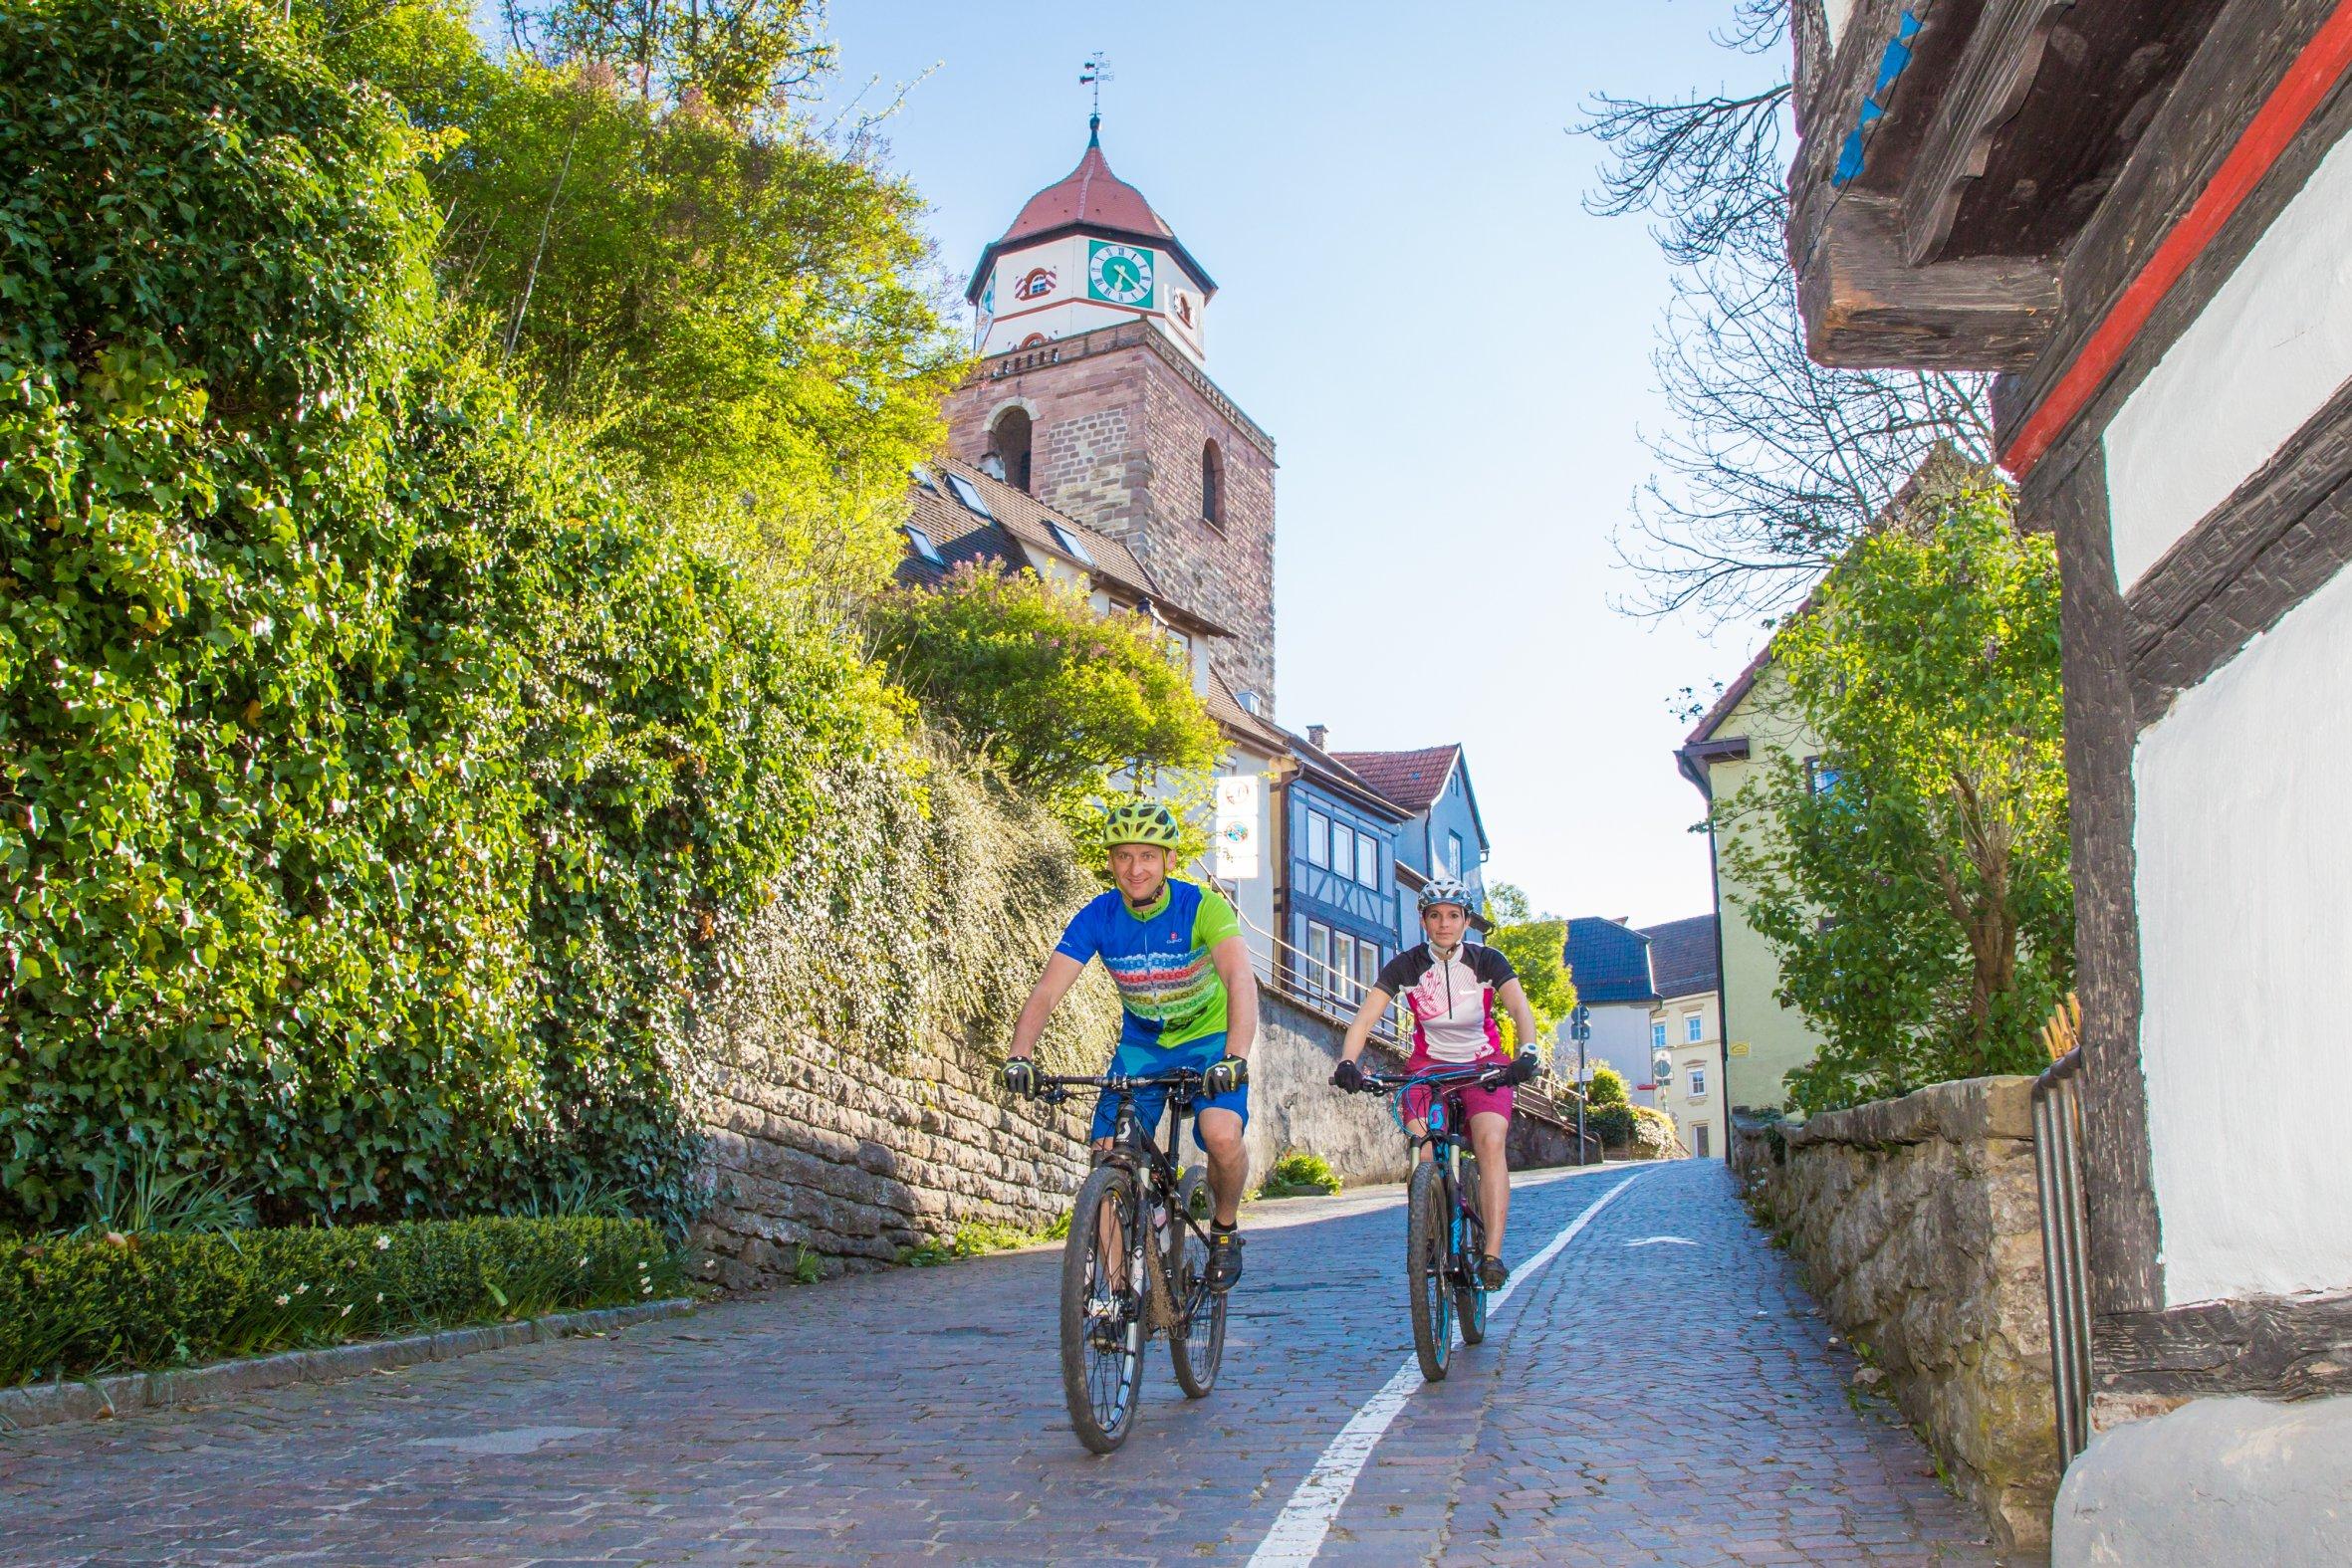 Zwei Radfahrer im Hintergrund das Wahrzeichen von Haigerloch der Römerturm